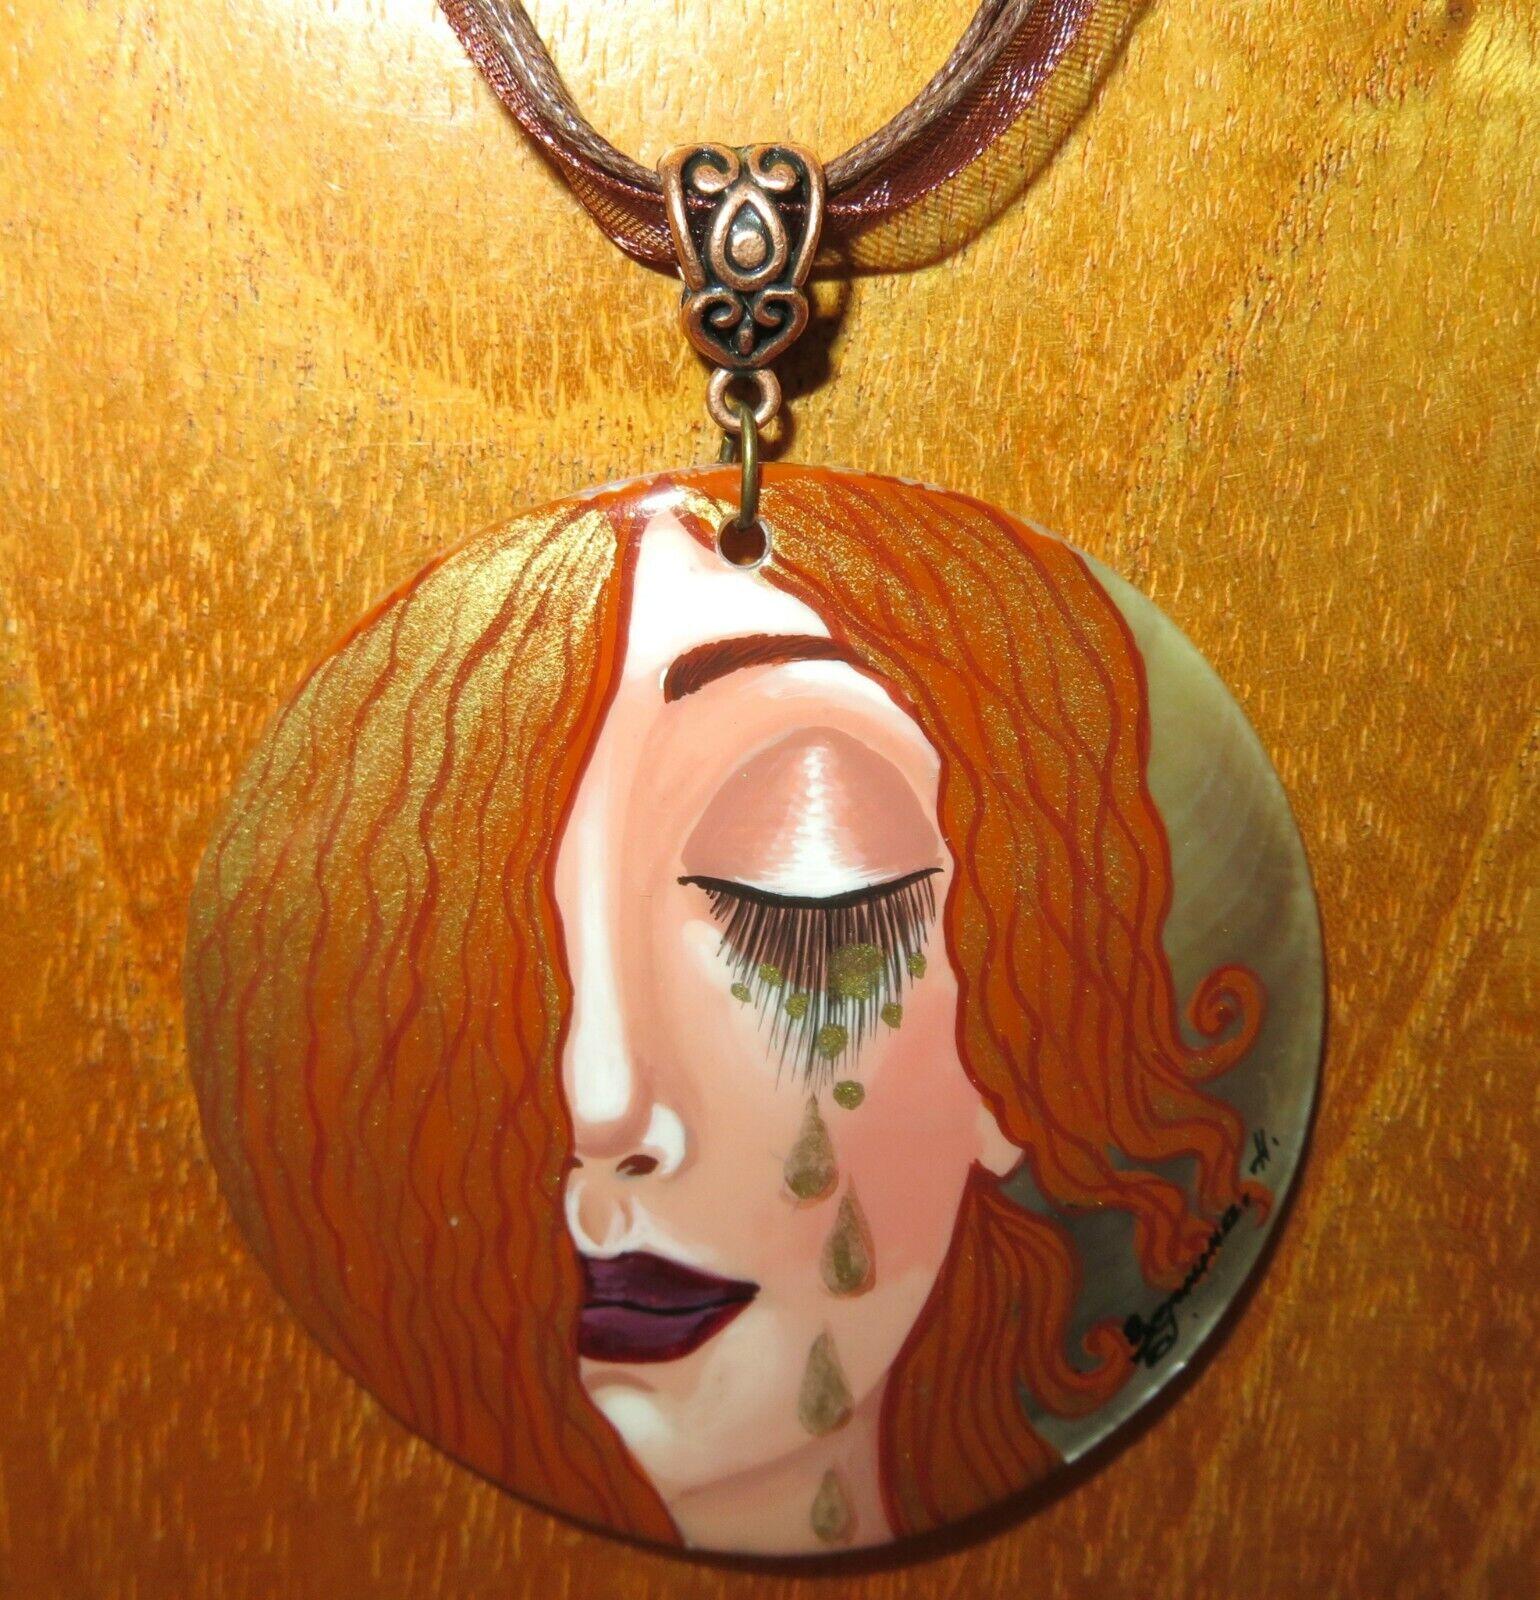 Anhänger Klimt Freya Tränen aus gold Original Handbemalt Muschel Reproduktion